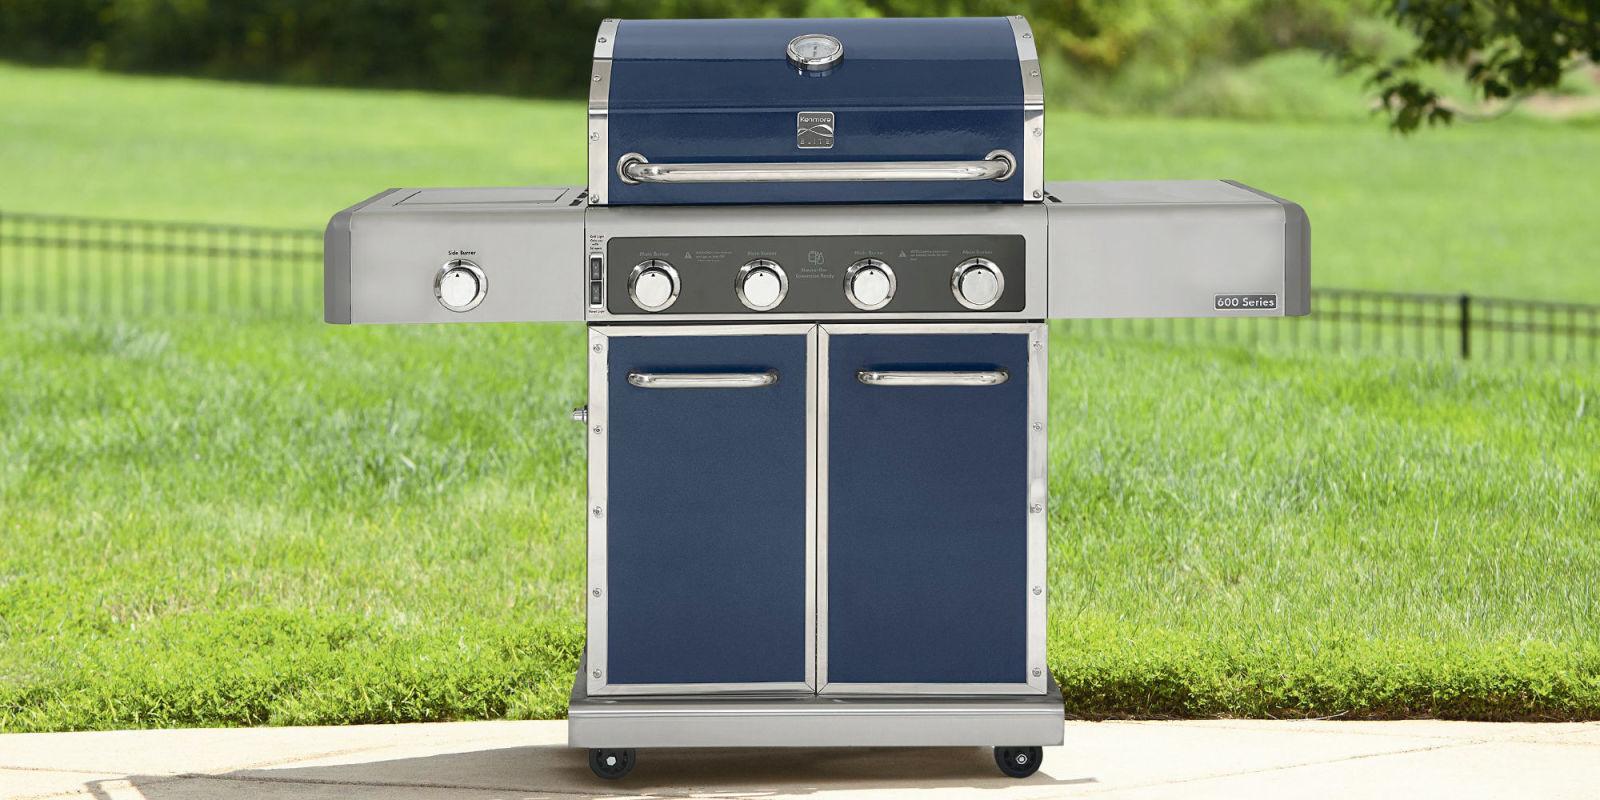 cookware u0026 gadgets share 12 best gas bbq grills - Best Gas Grills